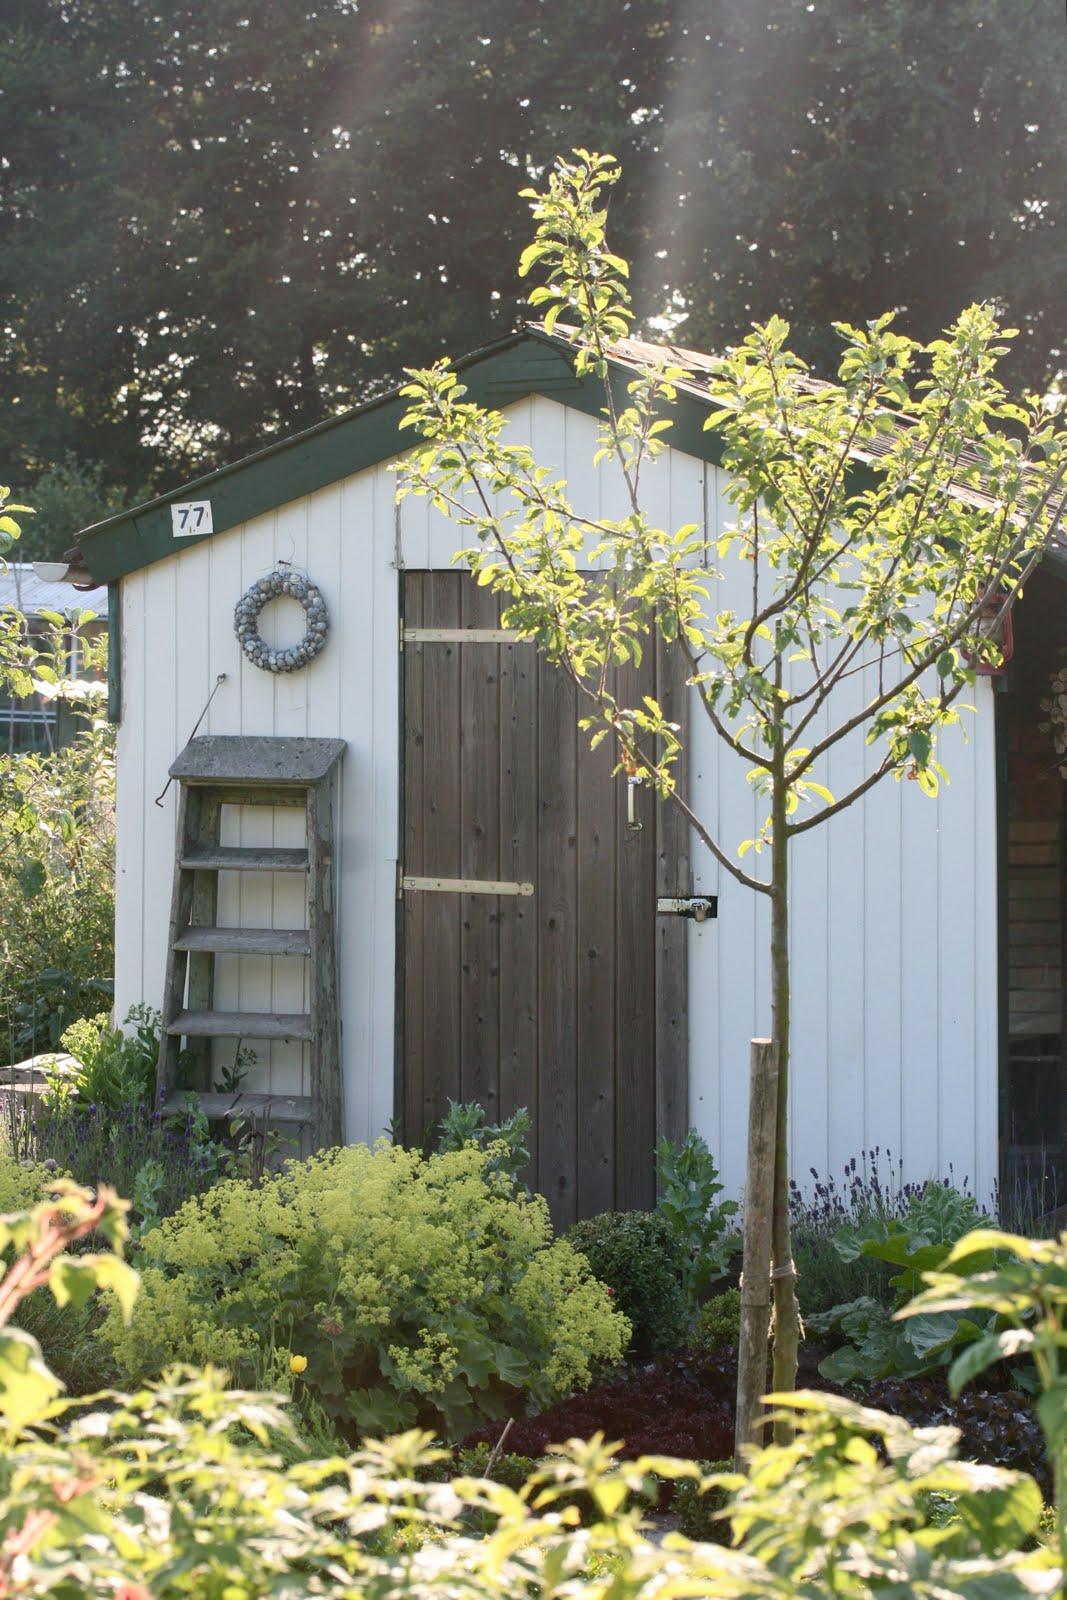 Interieur huis stoel warm in de tuin for Huis in de tuin